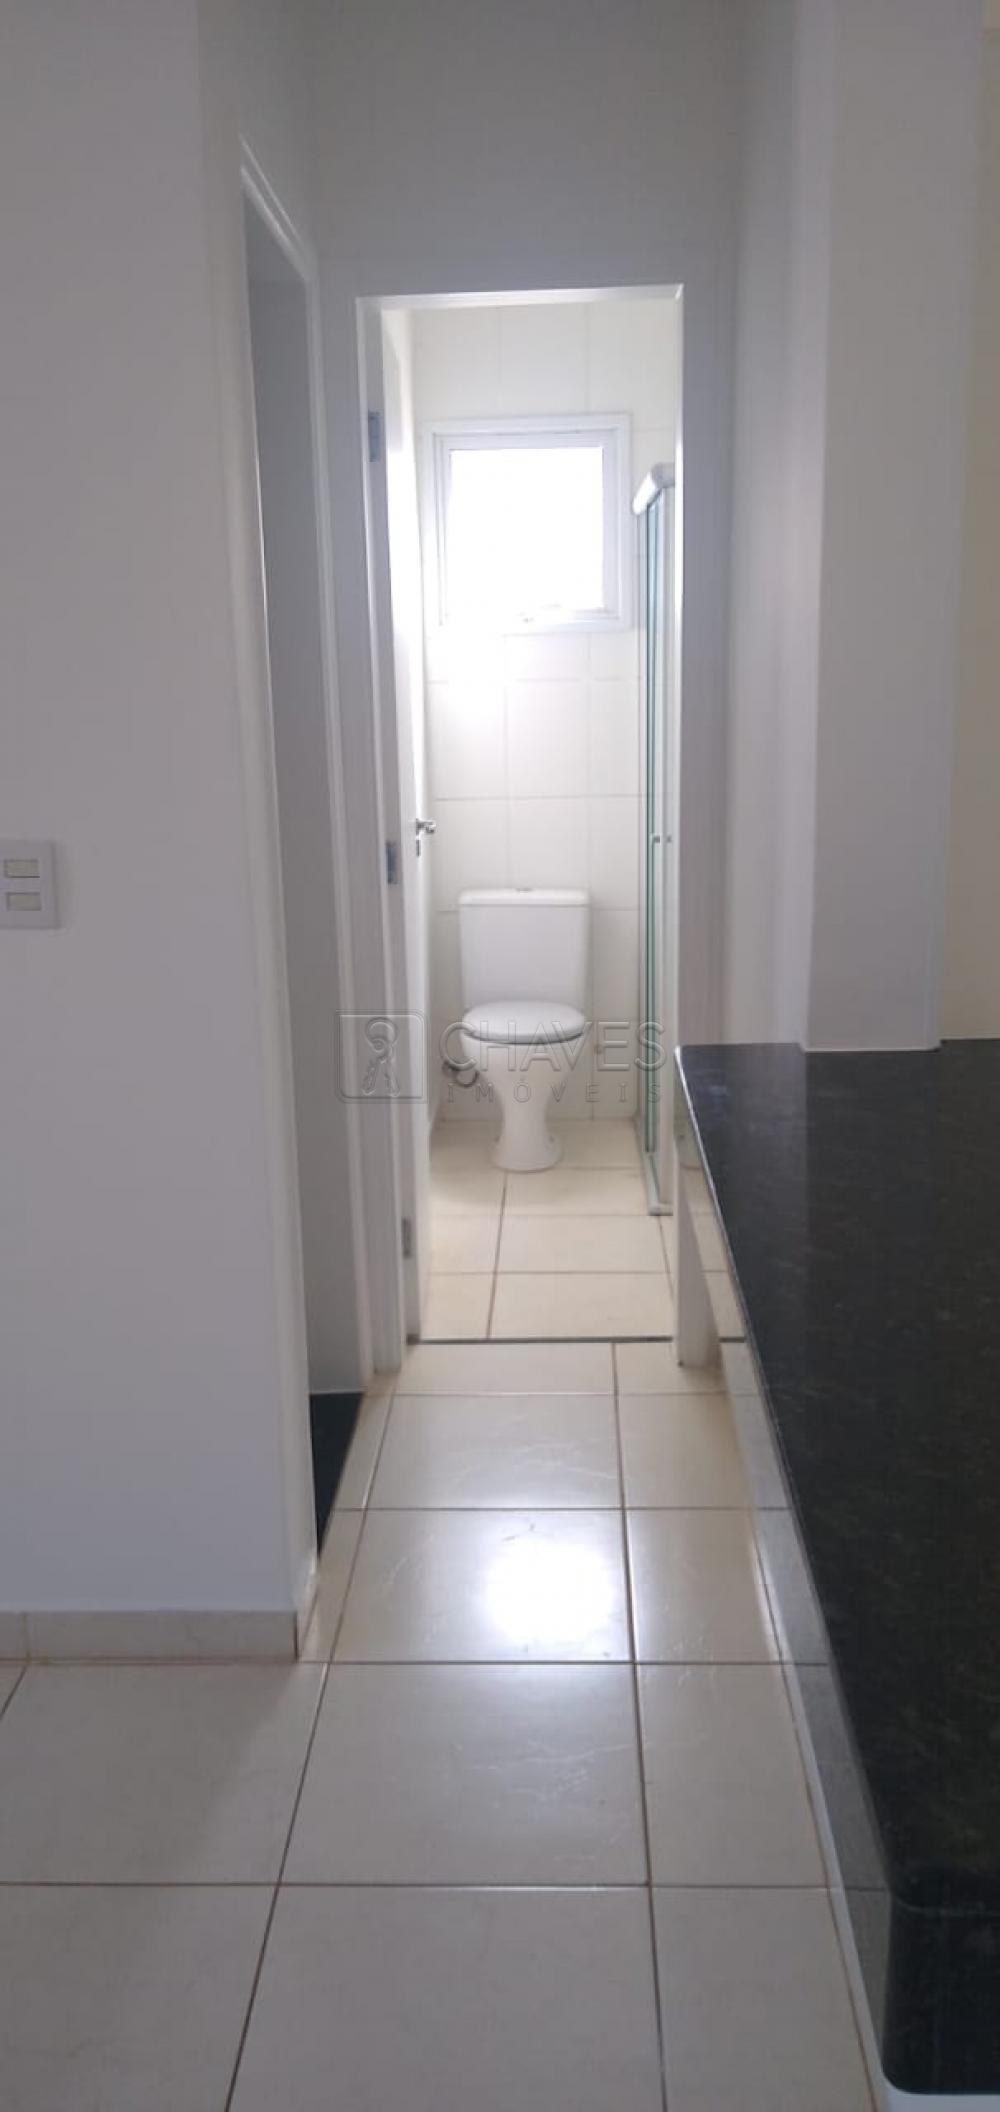 Alugar Apartamento / Padrão em Ribeirão Preto R$ 990,00 - Foto 5